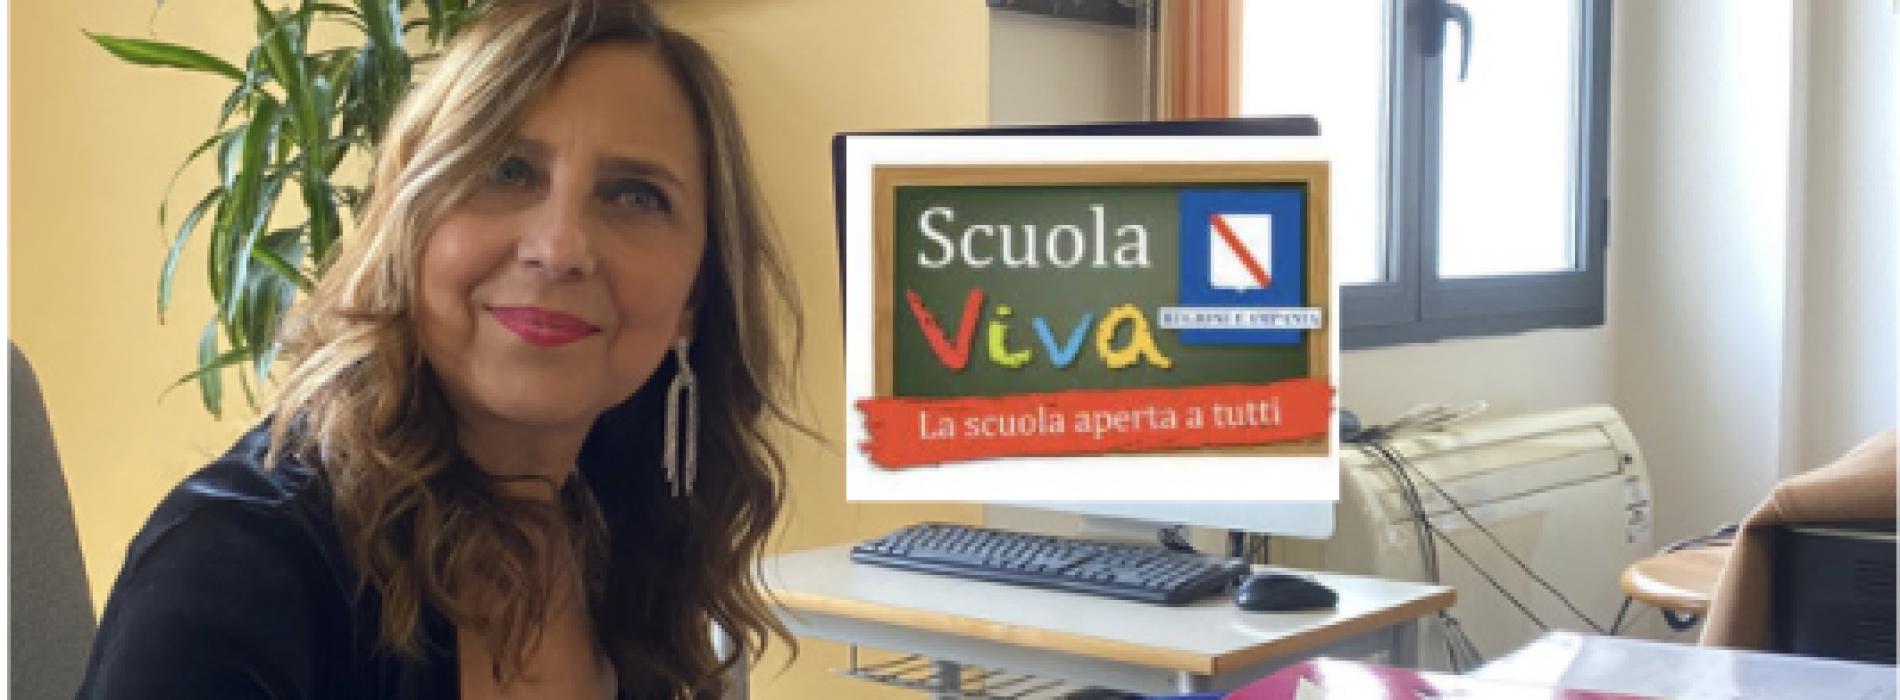 """Scuola Viva riparte. La preside Serpico: """"È occasione di vita"""""""